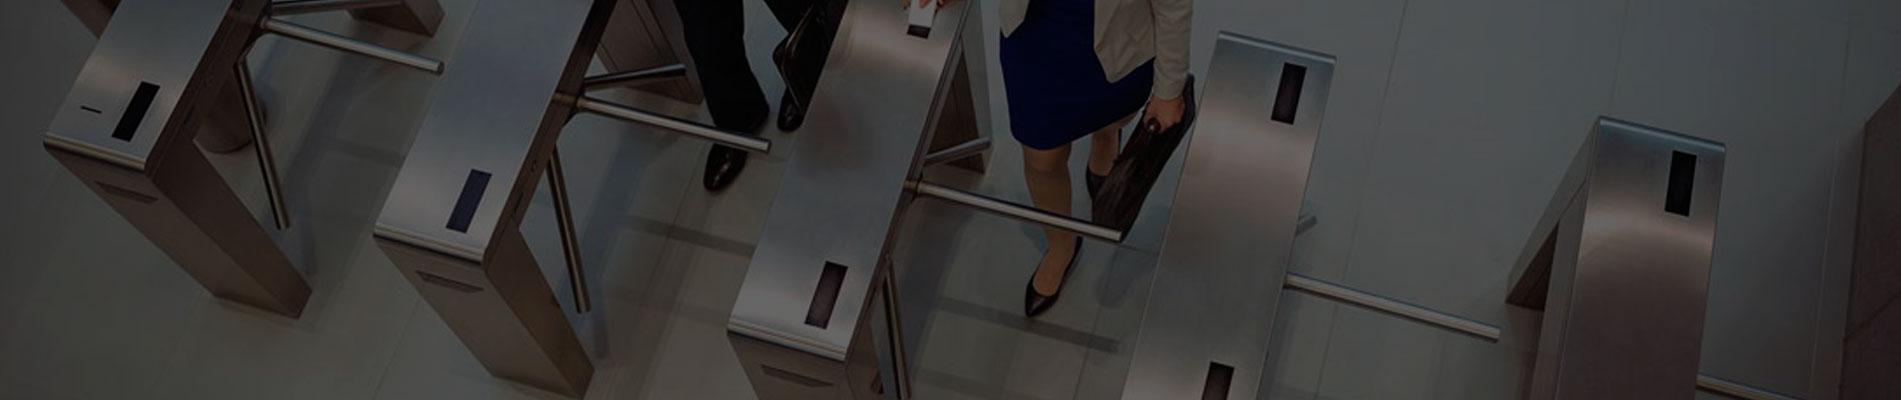 Системи контролю доступу (СКУД) - Встановлення і монтаж СКУД в Києві